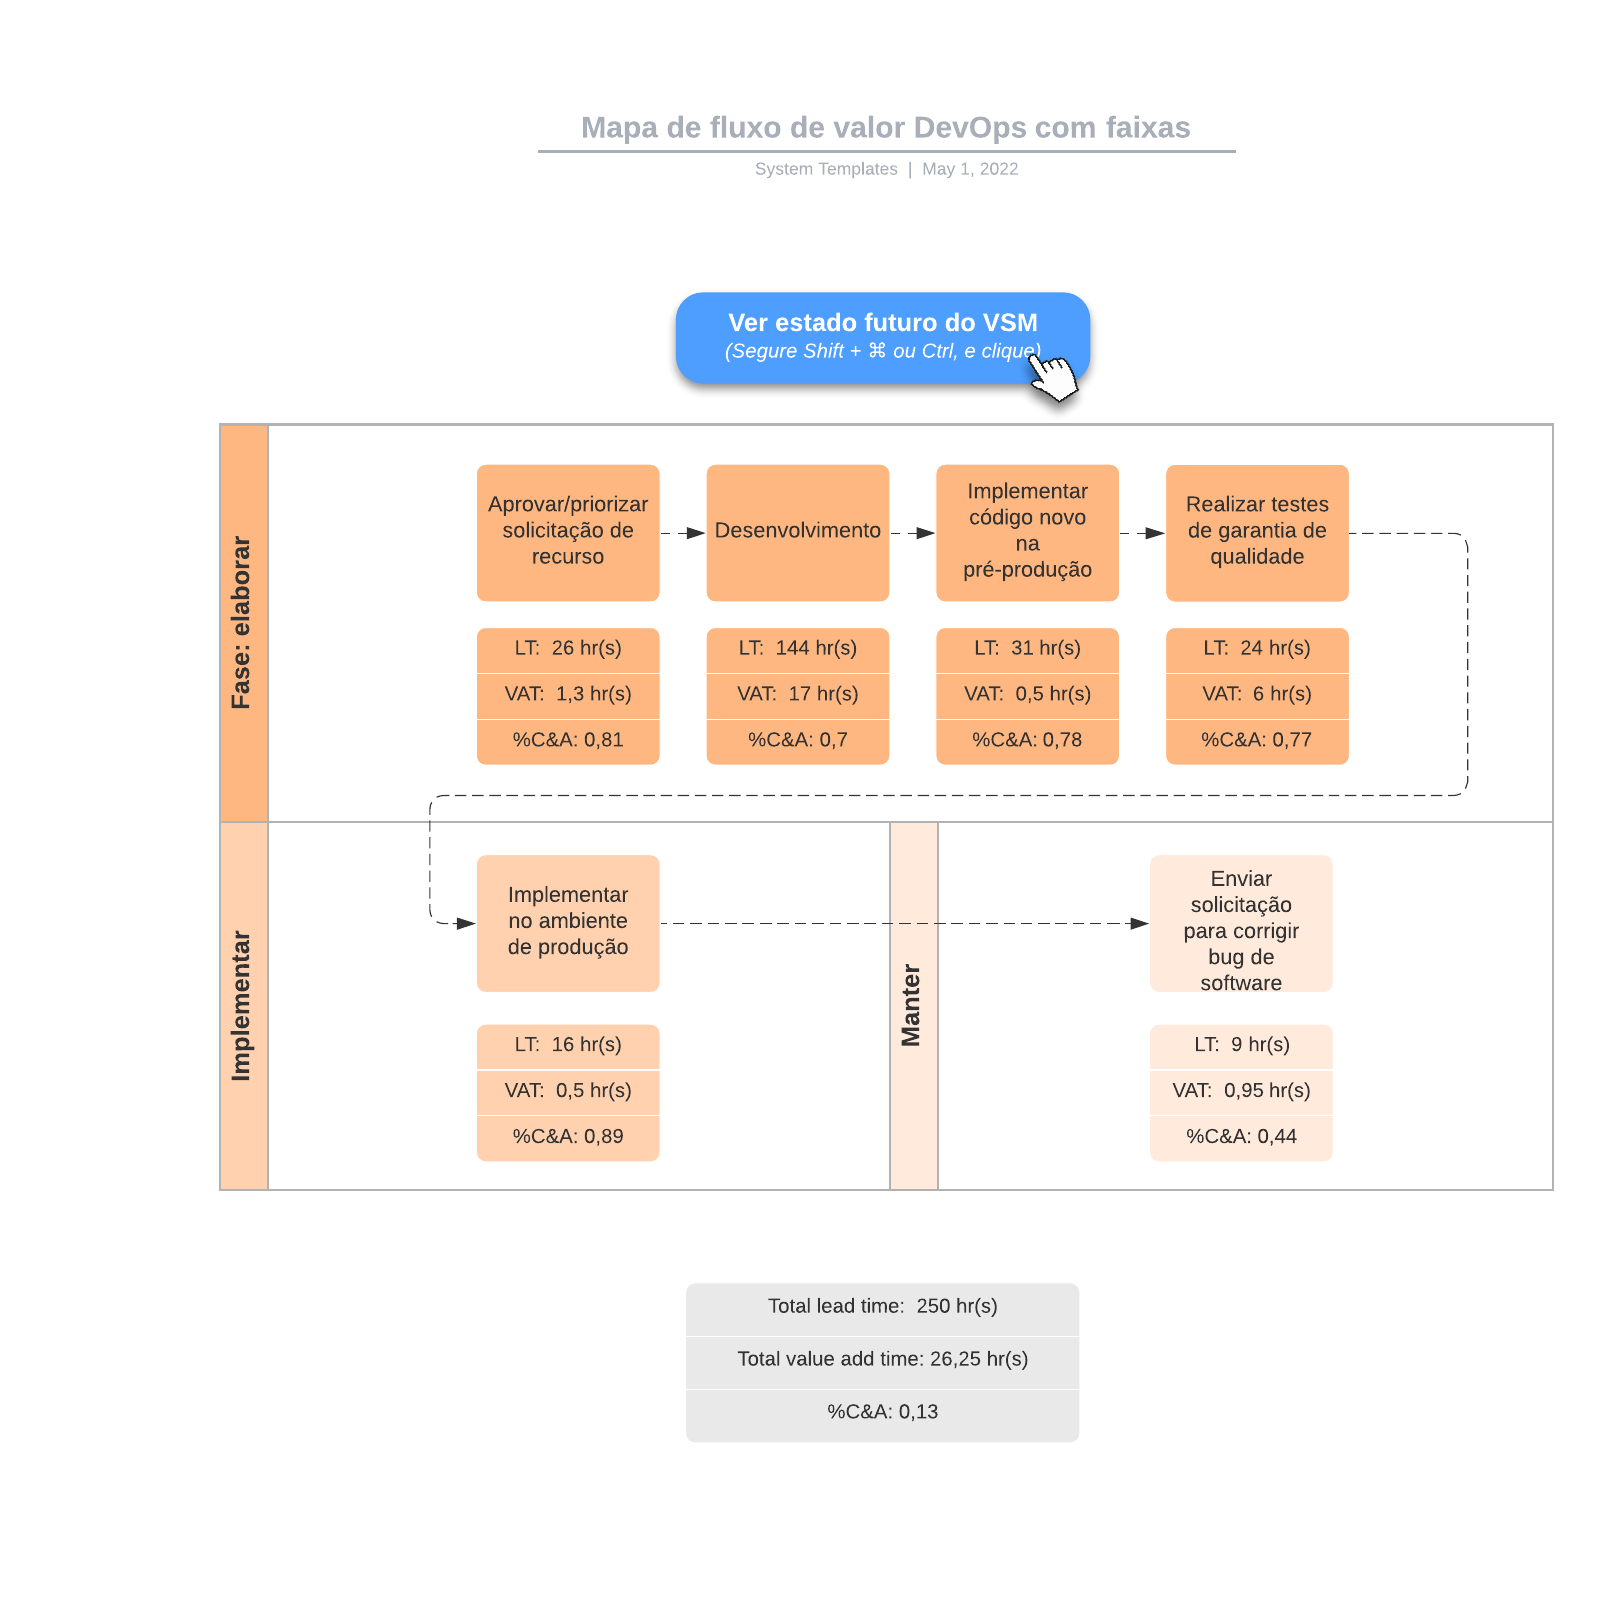 Mapa de fluxo de valor DevOps com faixas